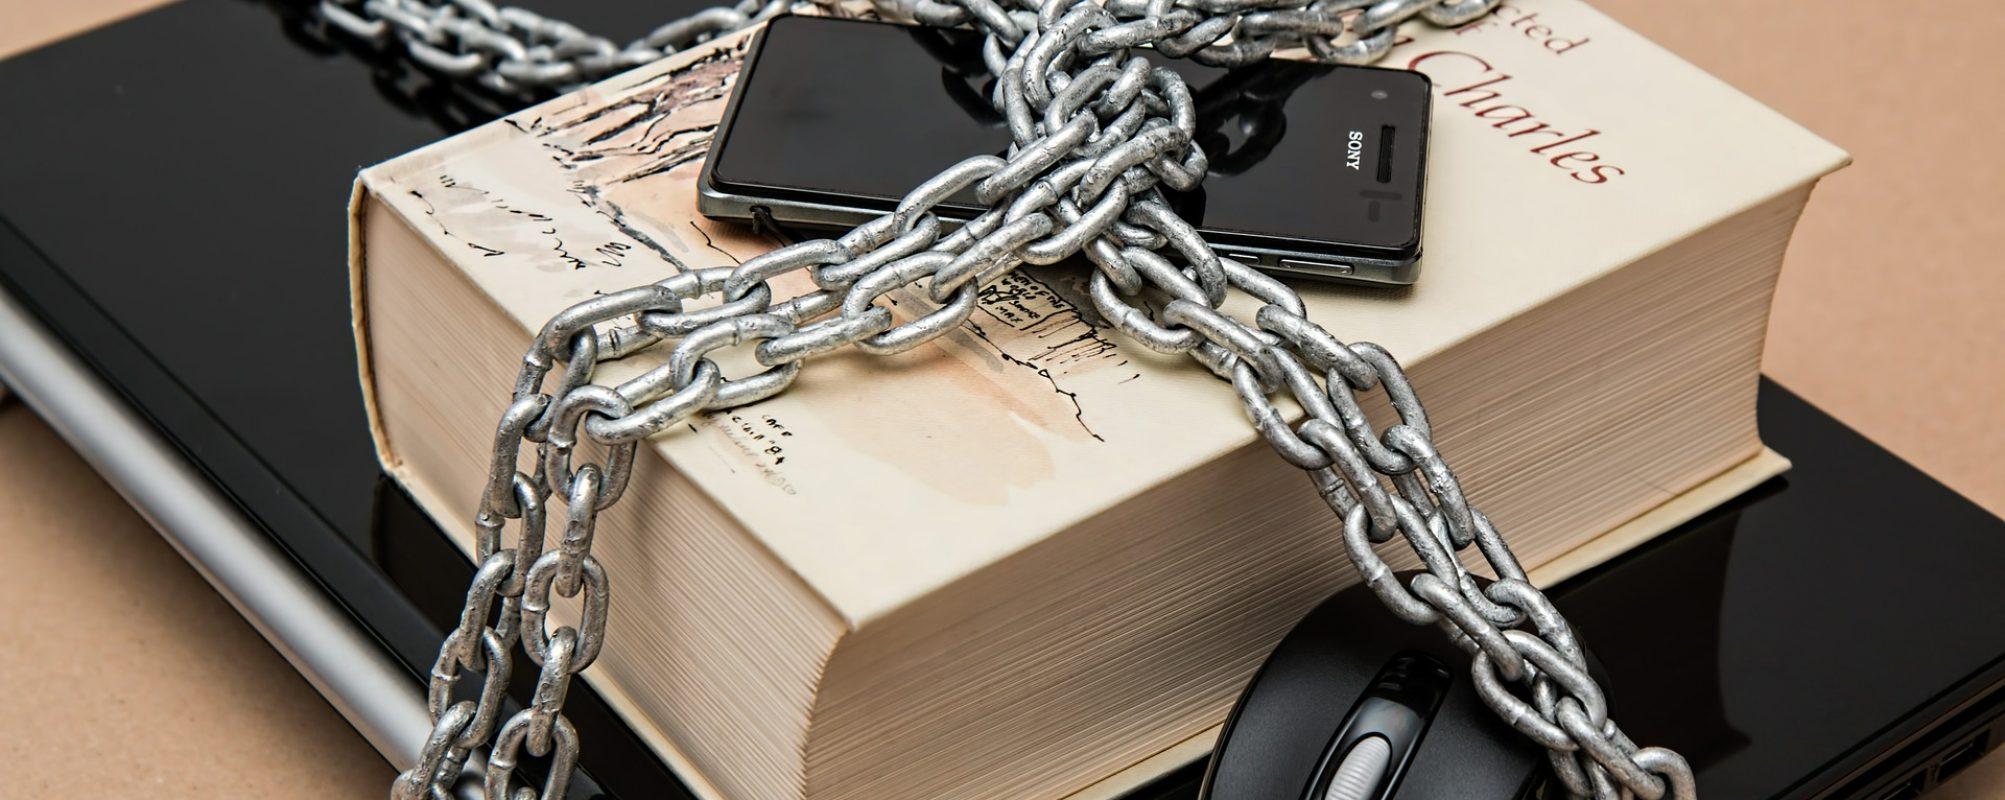 Warum Owned Media für das eigene Marketing unverzichtbar ist und bleibt